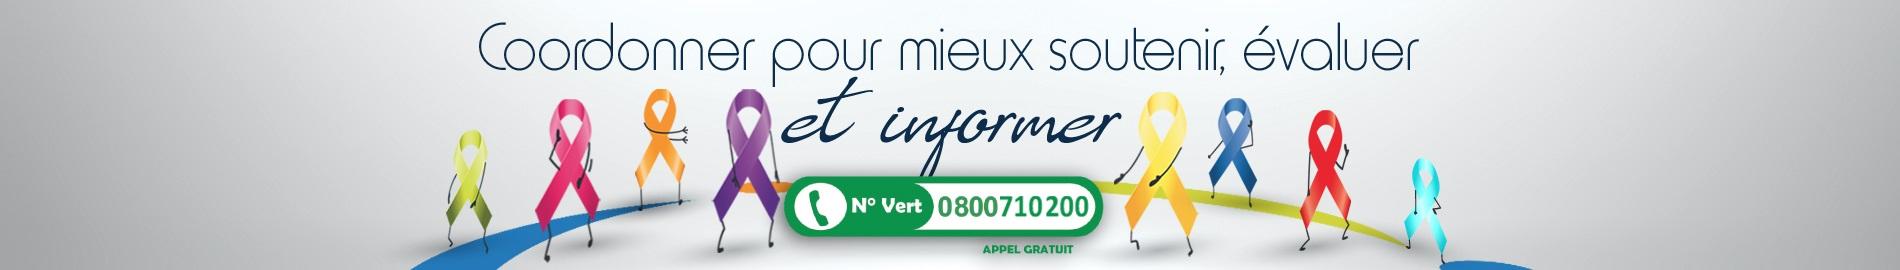 Contact ACTC en Corrèze, Creuse et Haute-Vienne - Numéro vert bandeau image